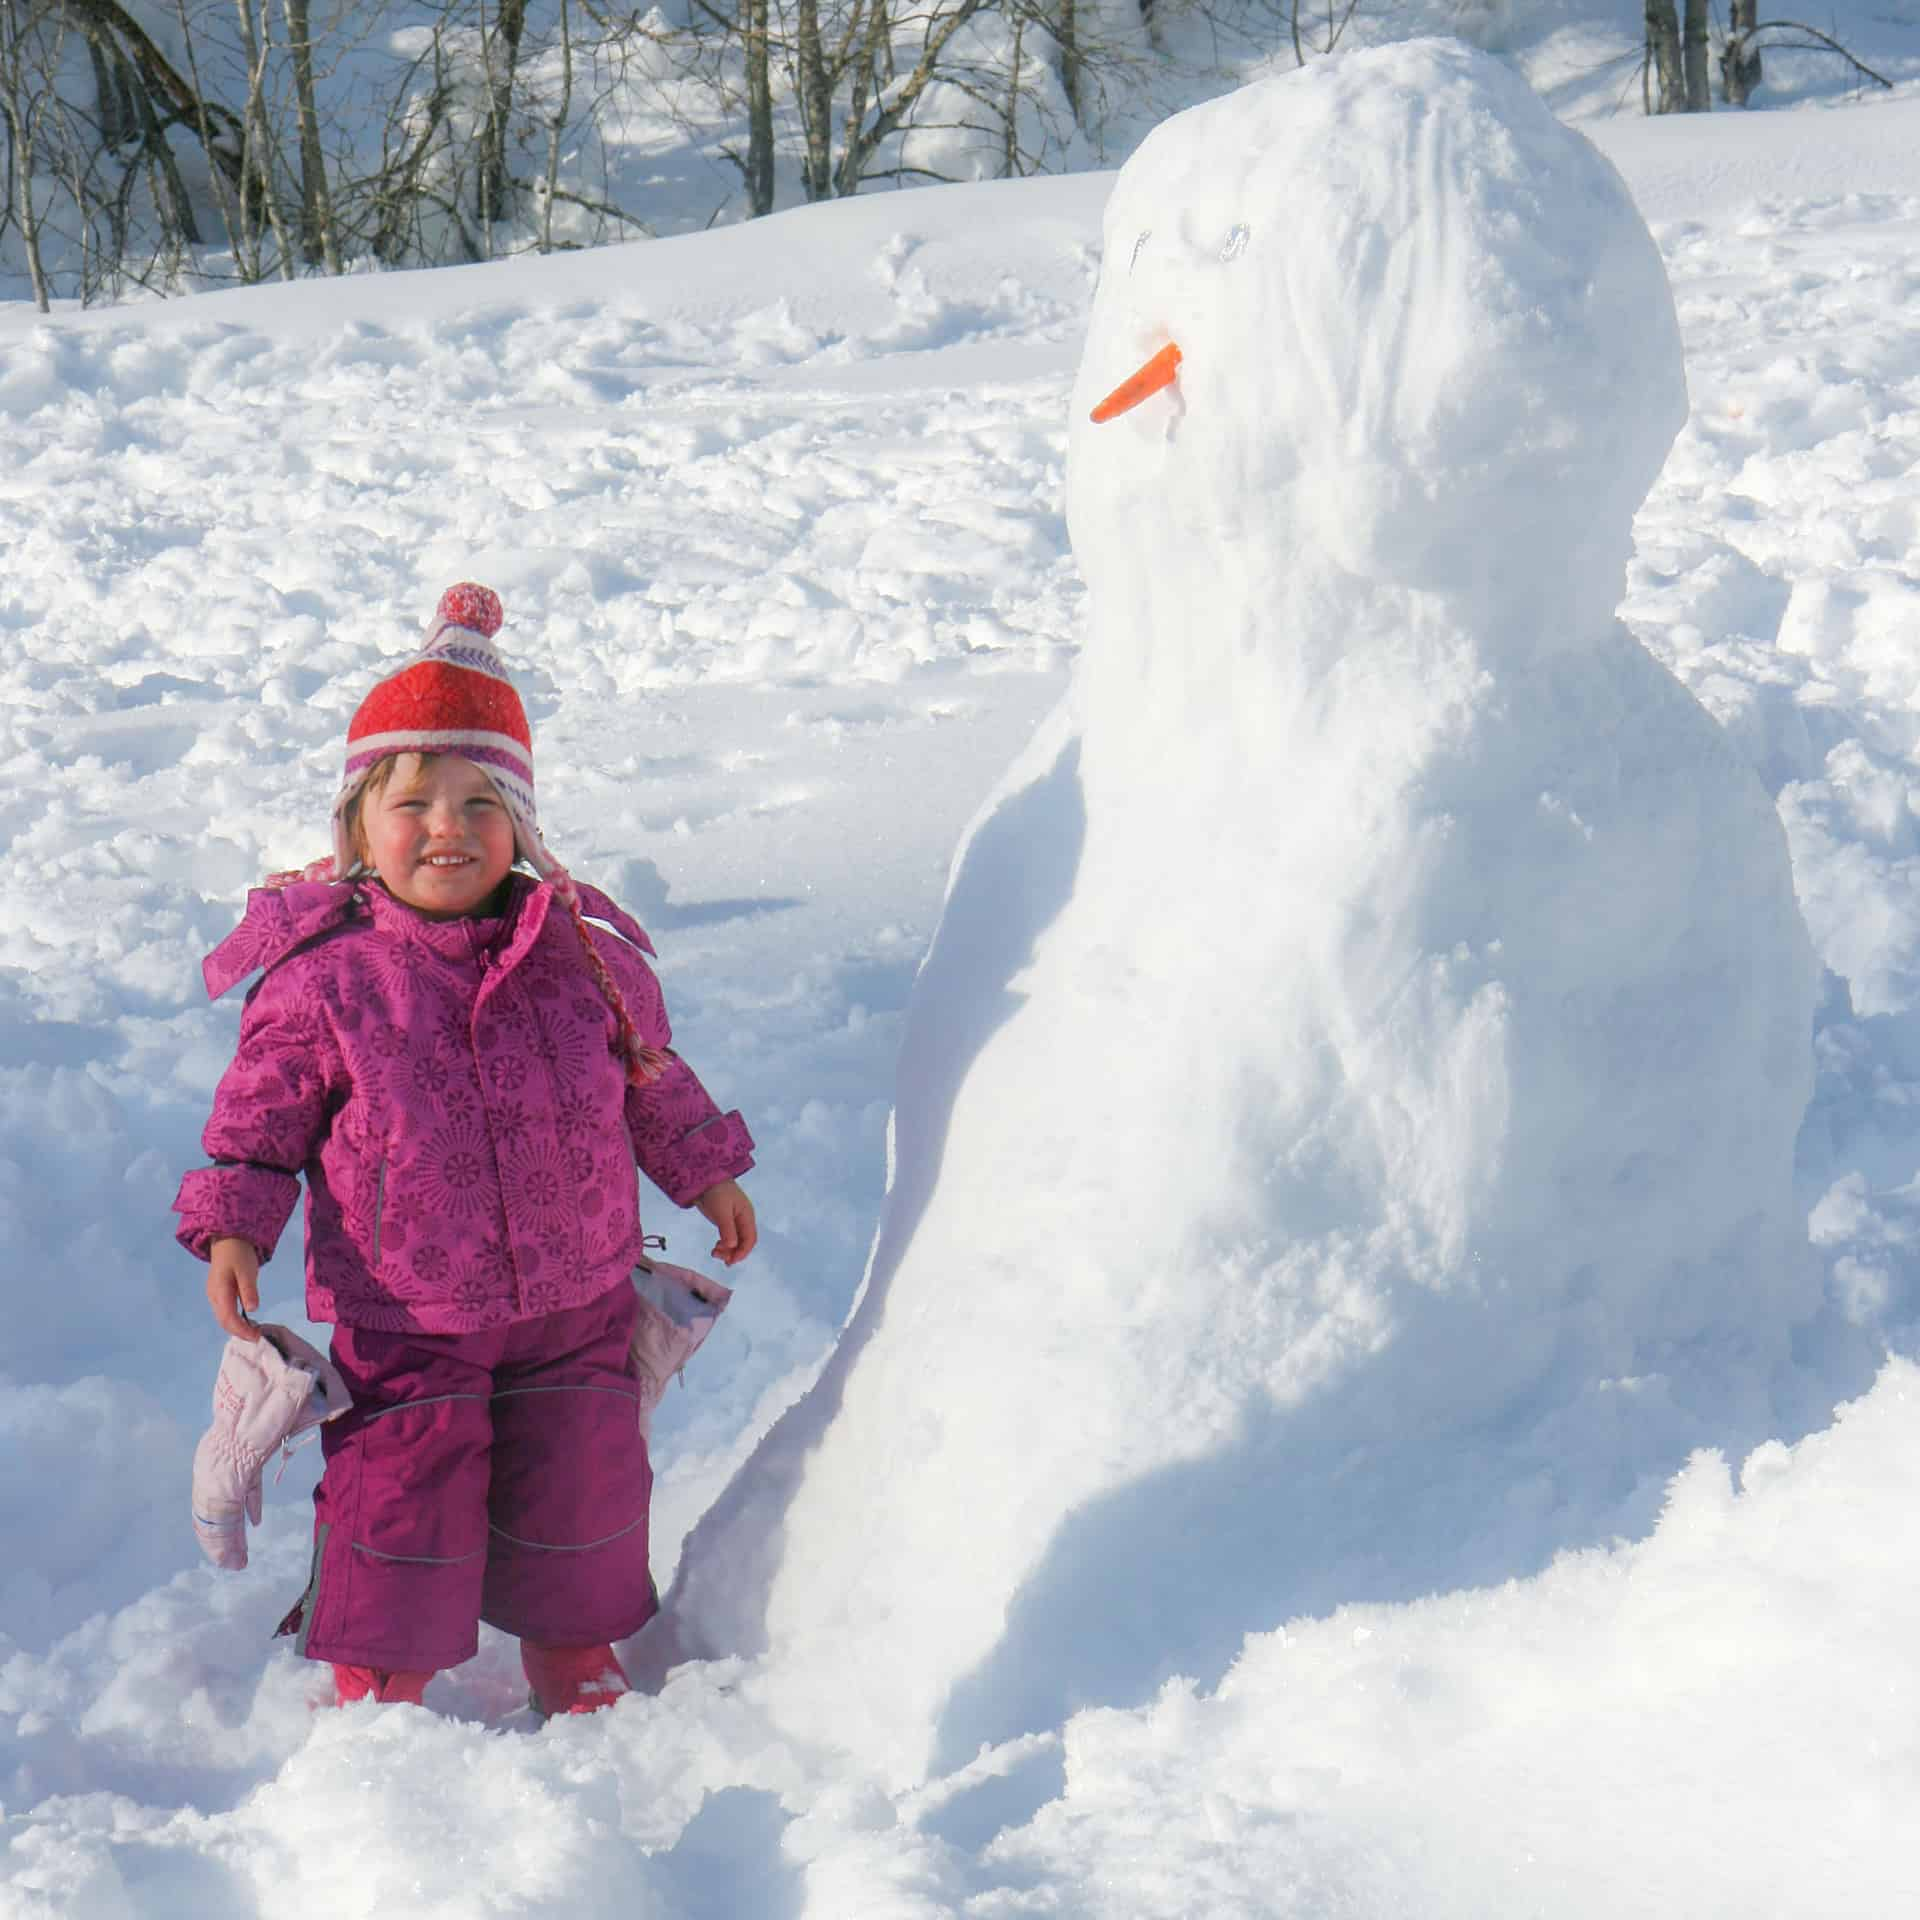 child building a snowman